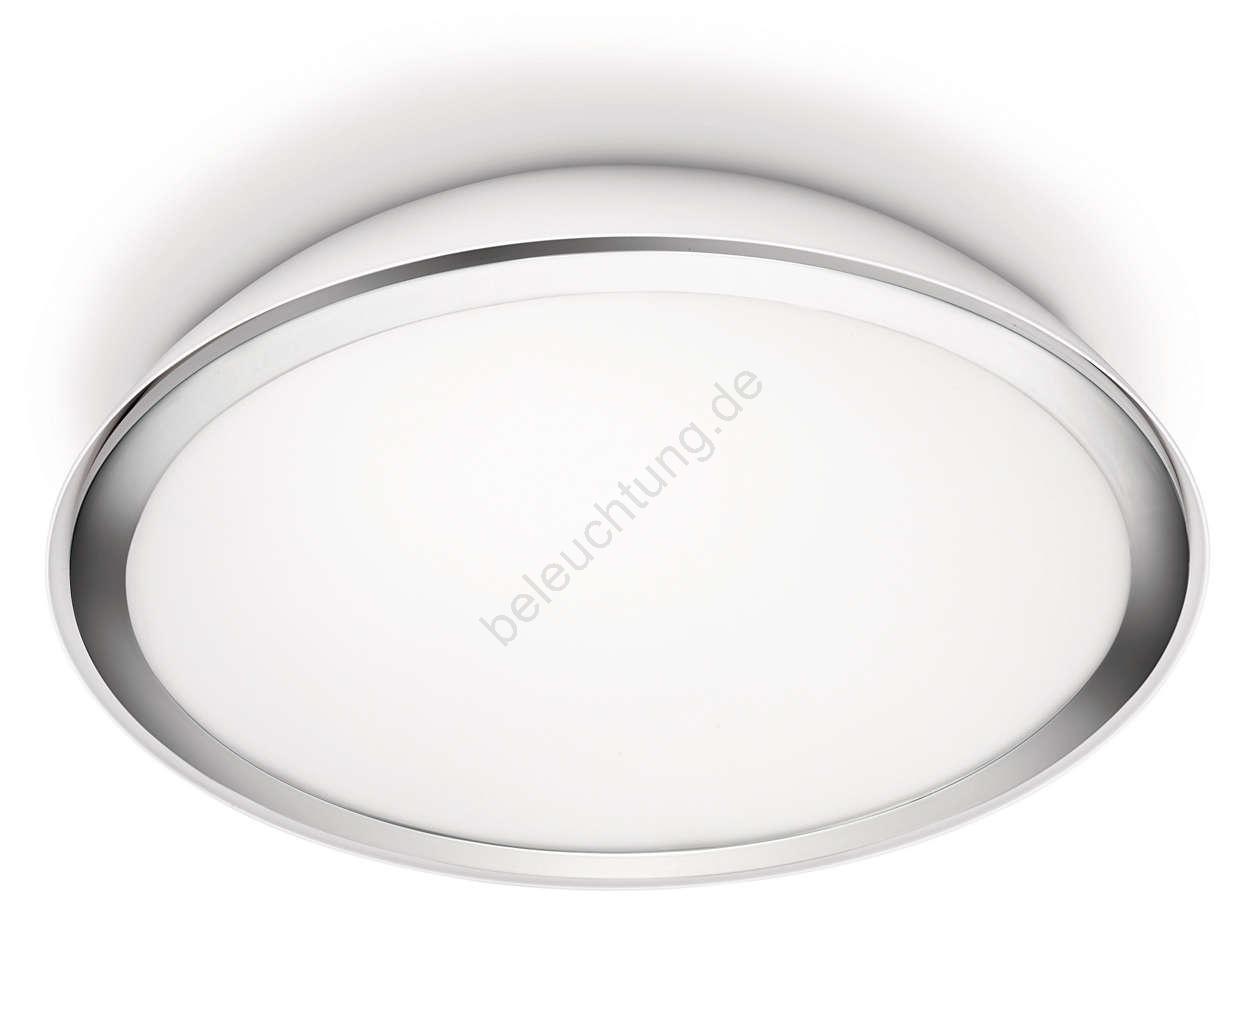 philips 32063 31 16 led deckenleuchte bad mybathroom cool 3xled 4w 230v beleuchtung. Black Bedroom Furniture Sets. Home Design Ideas